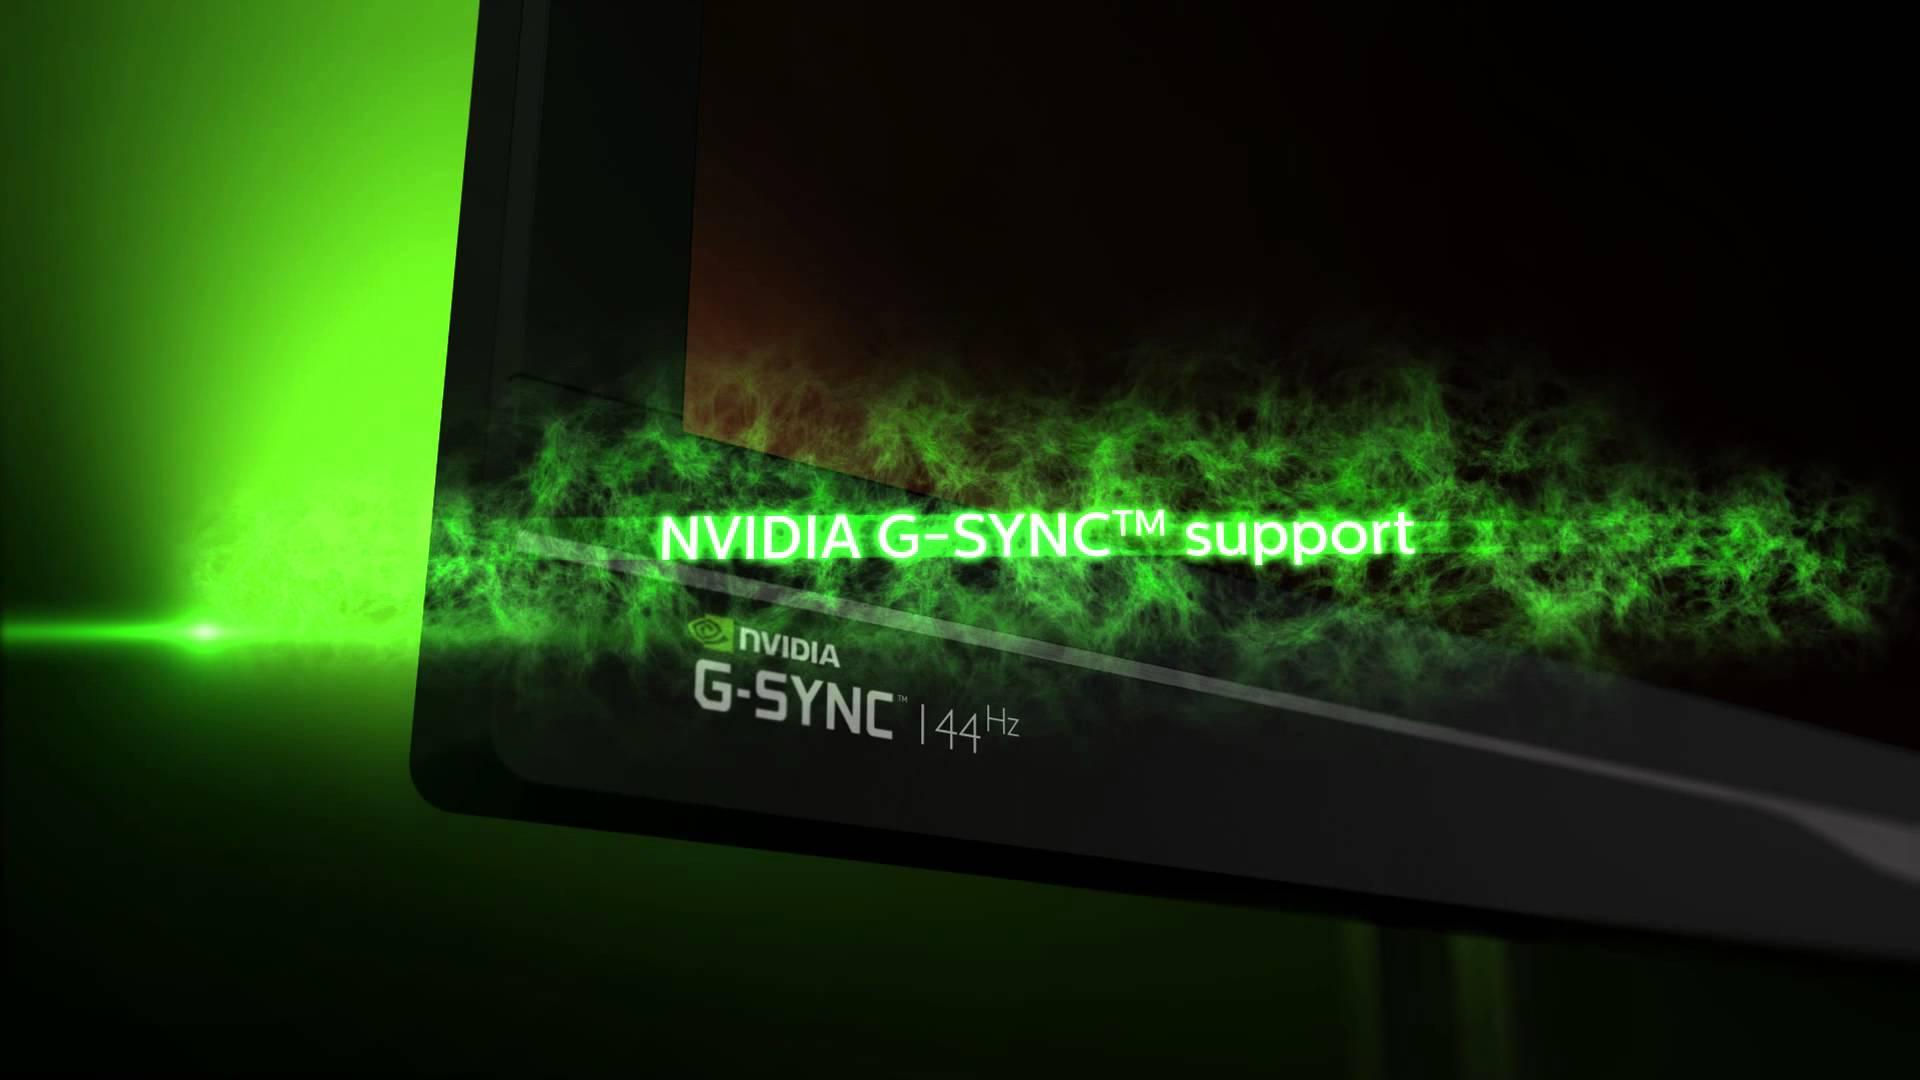 nvidia multi screen wallpaper hd